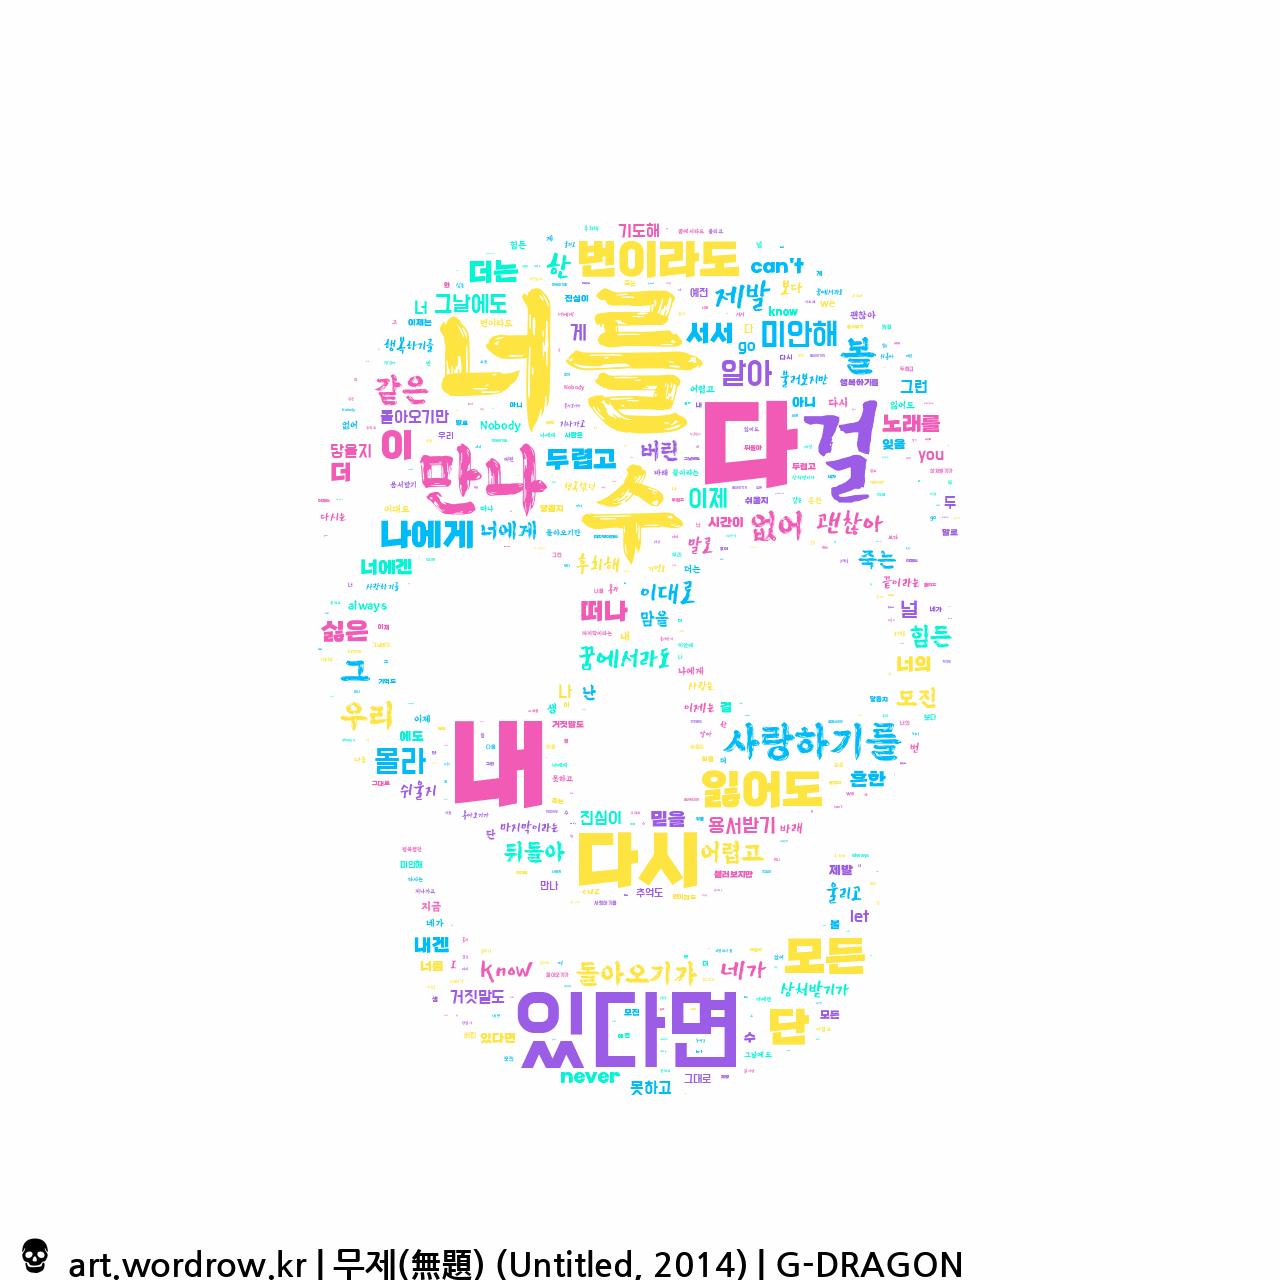 워드 아트: 무제(無題) (Untitled, 2014) [G-DRAGON]-31